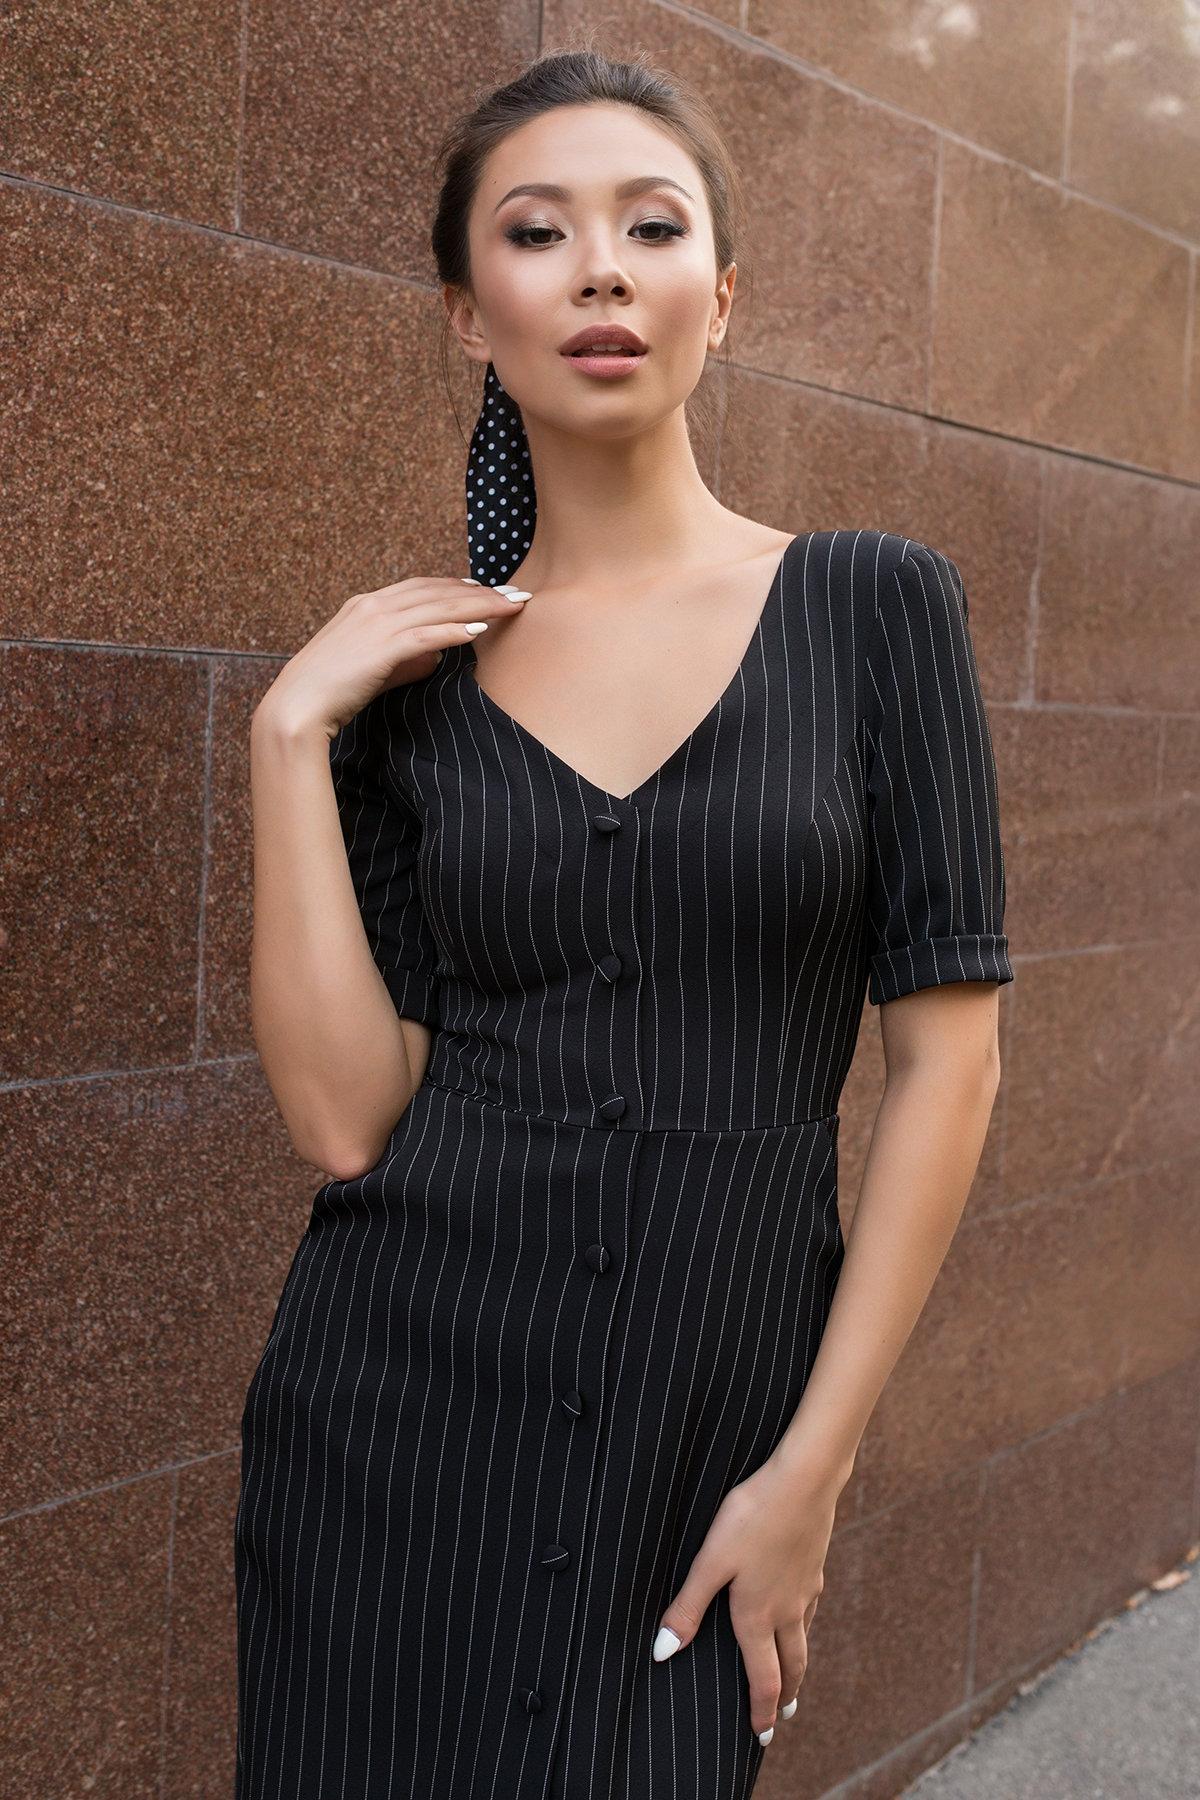 Стильное черное платье в полоску Тетрис 7915 АРТ. 43847 Цвет: Полоска тон чер/бел - фото 4, интернет магазин tm-modus.ru